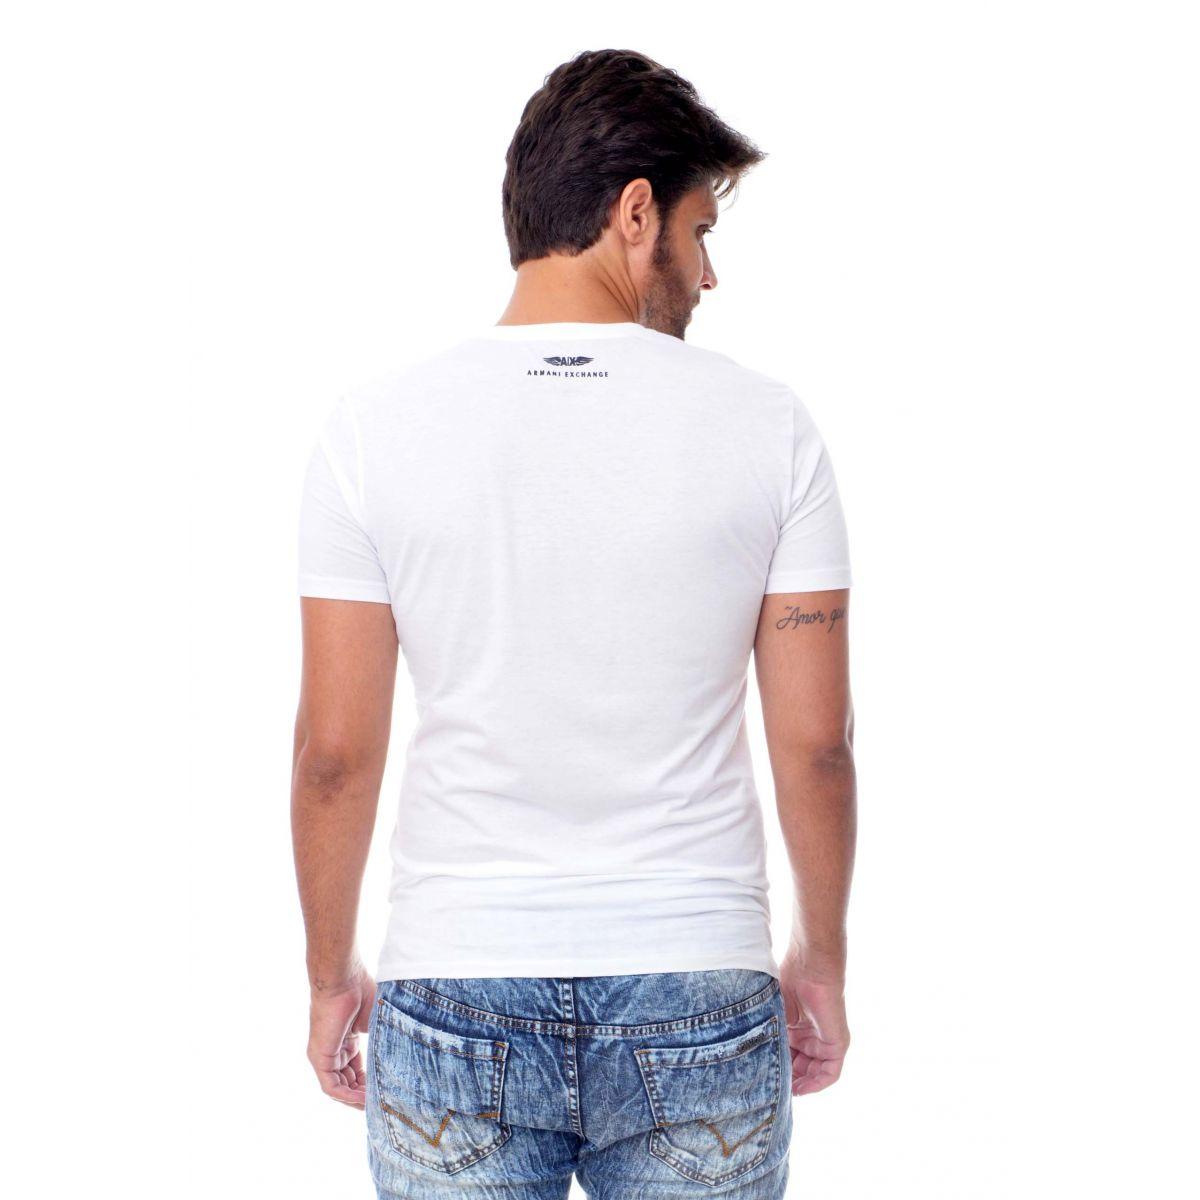 Camiseta Armani Exchange  Logo Detail Branca  - Ca Brasileira